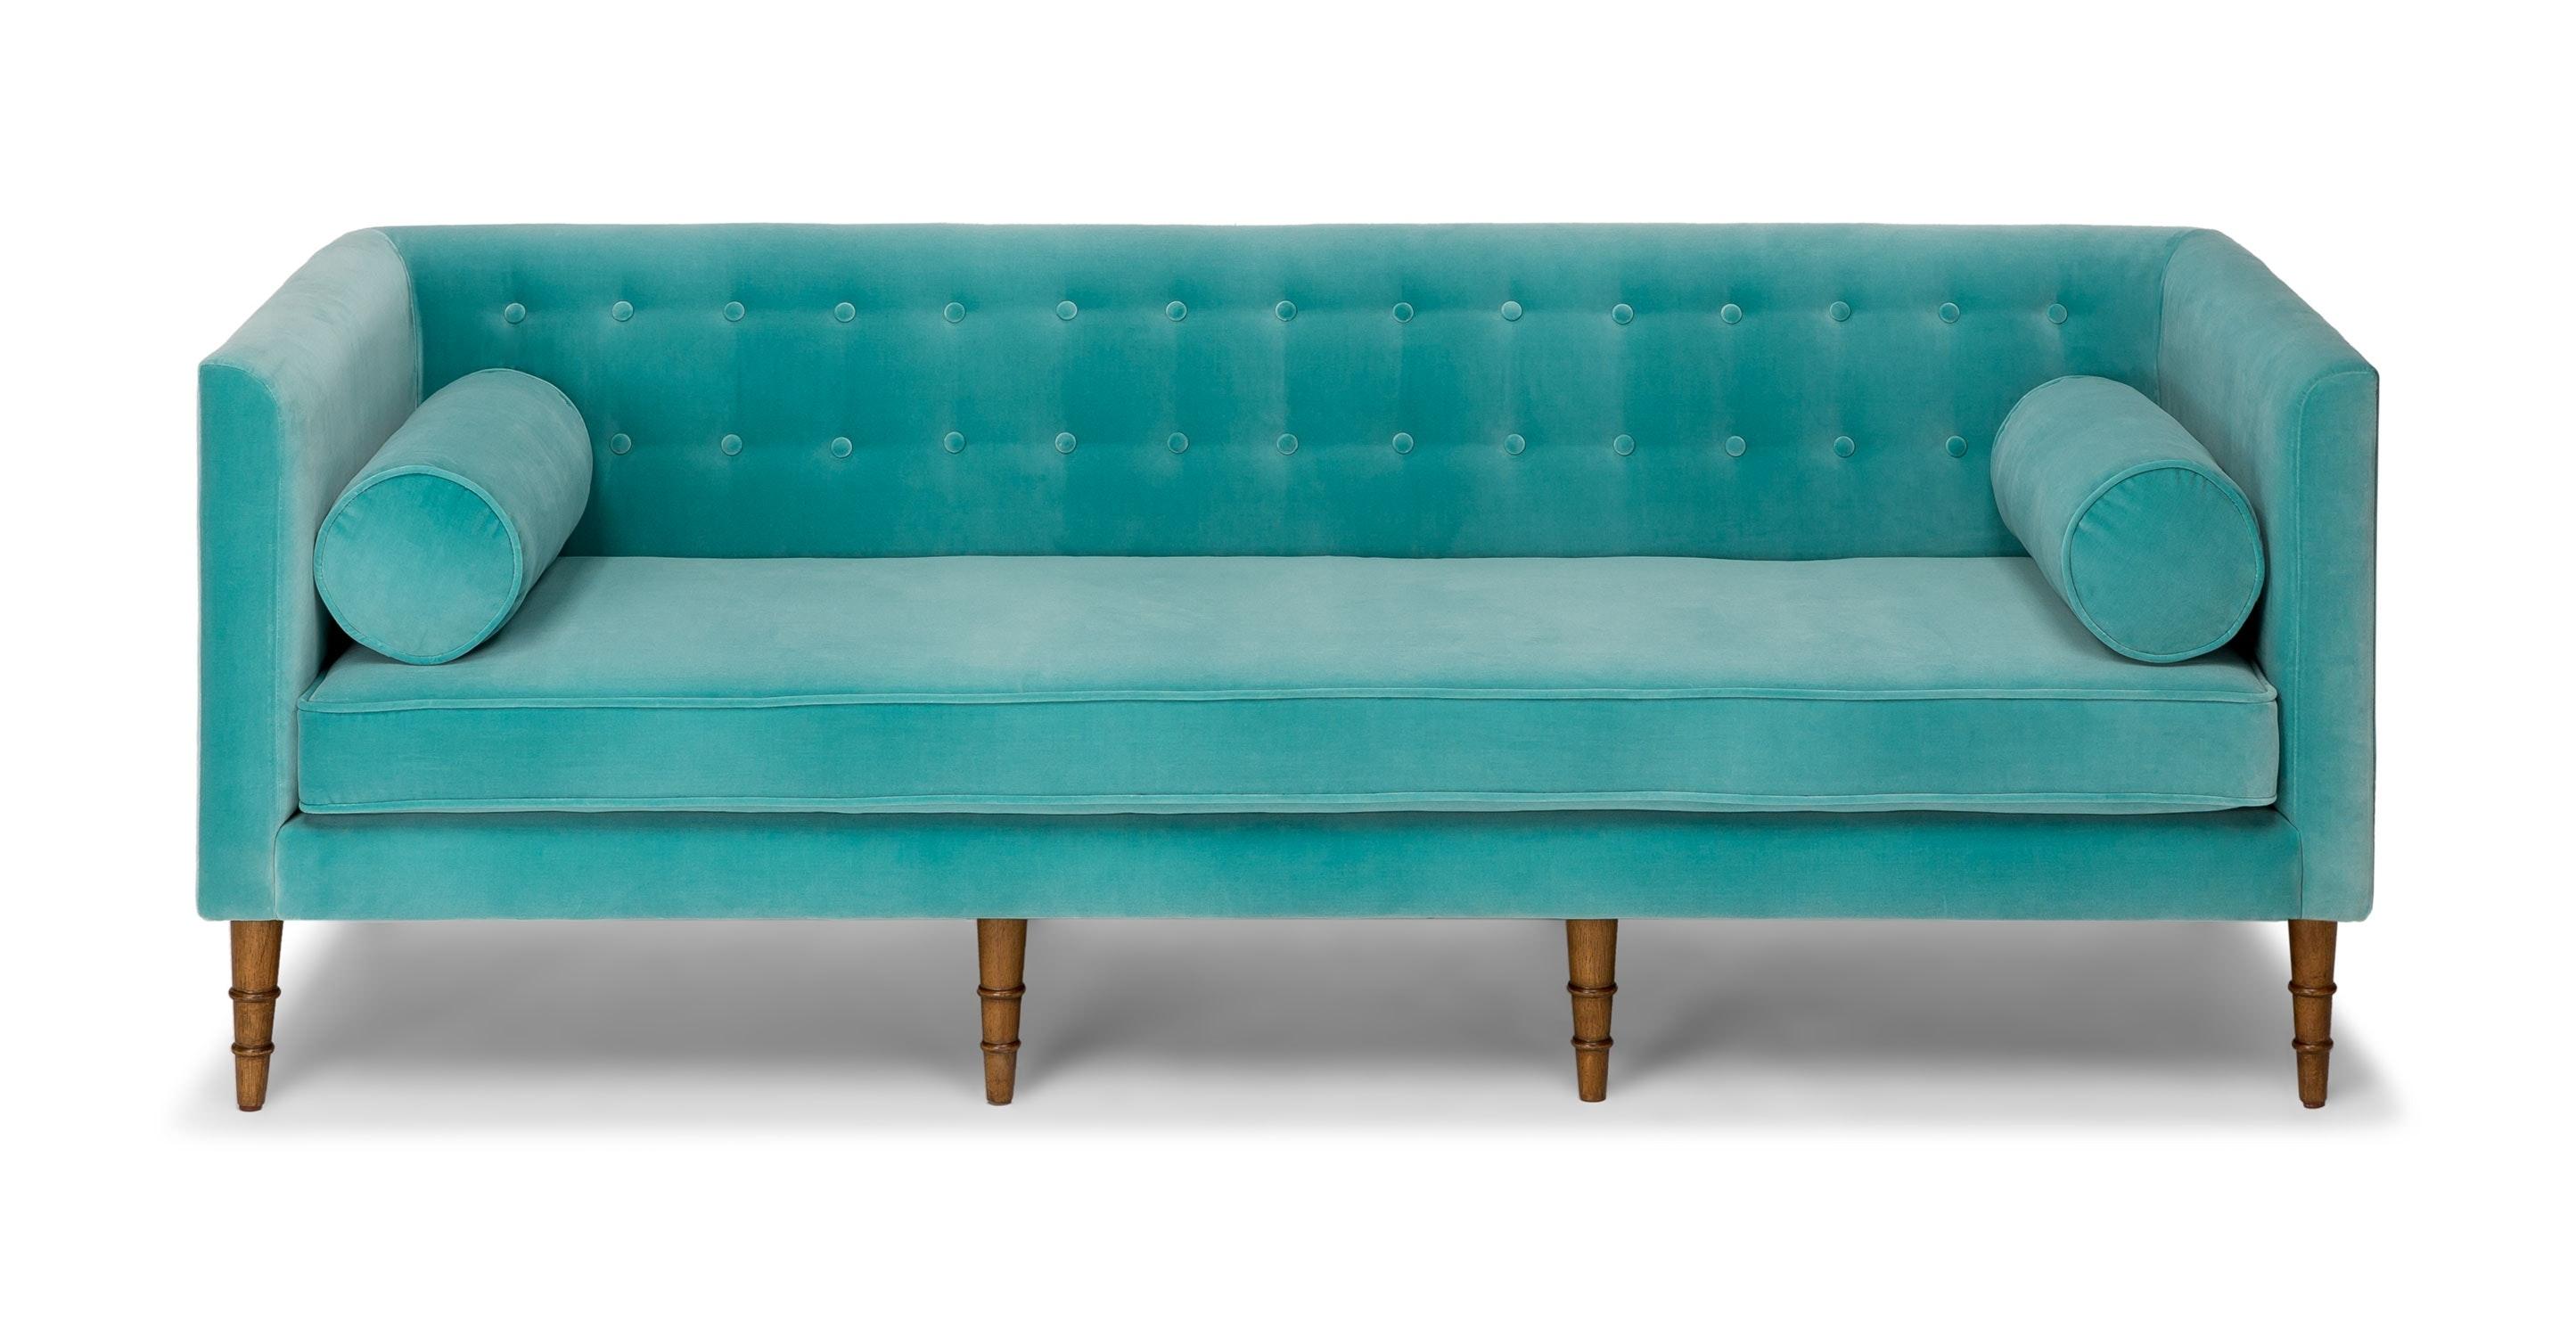 Gorgeous Aqua Sofa 47 In Modern Sofa Inspiration With Aqua Sofa inside Aqua Sofas (Image 6 of 10)